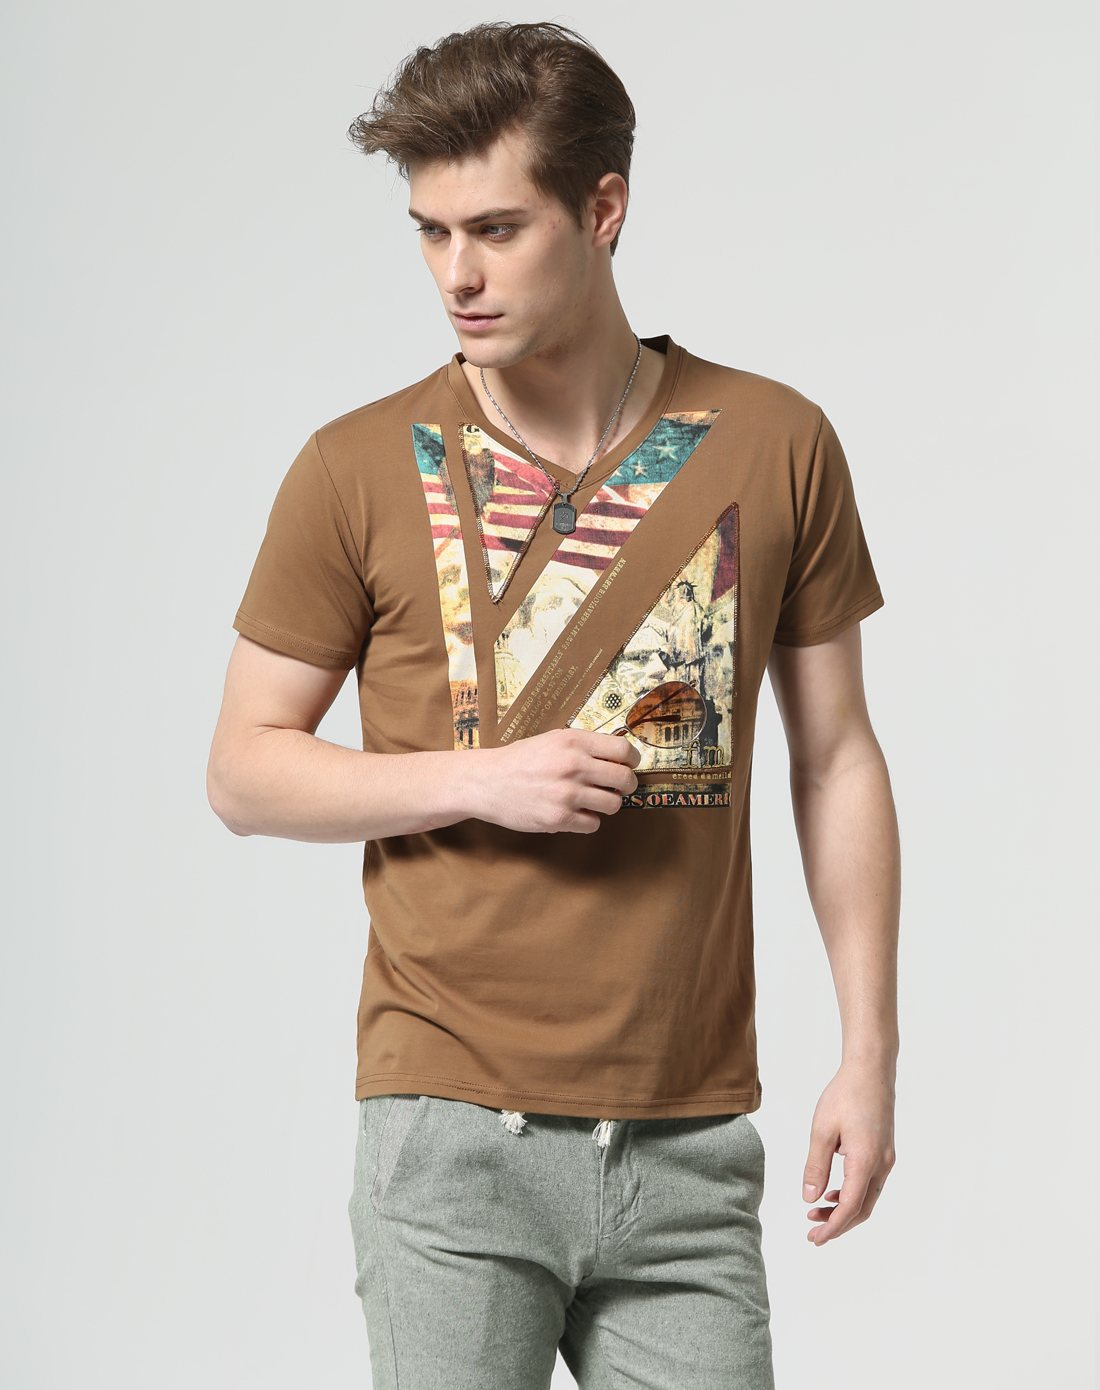 咖啡美国风景印花短袖t恤